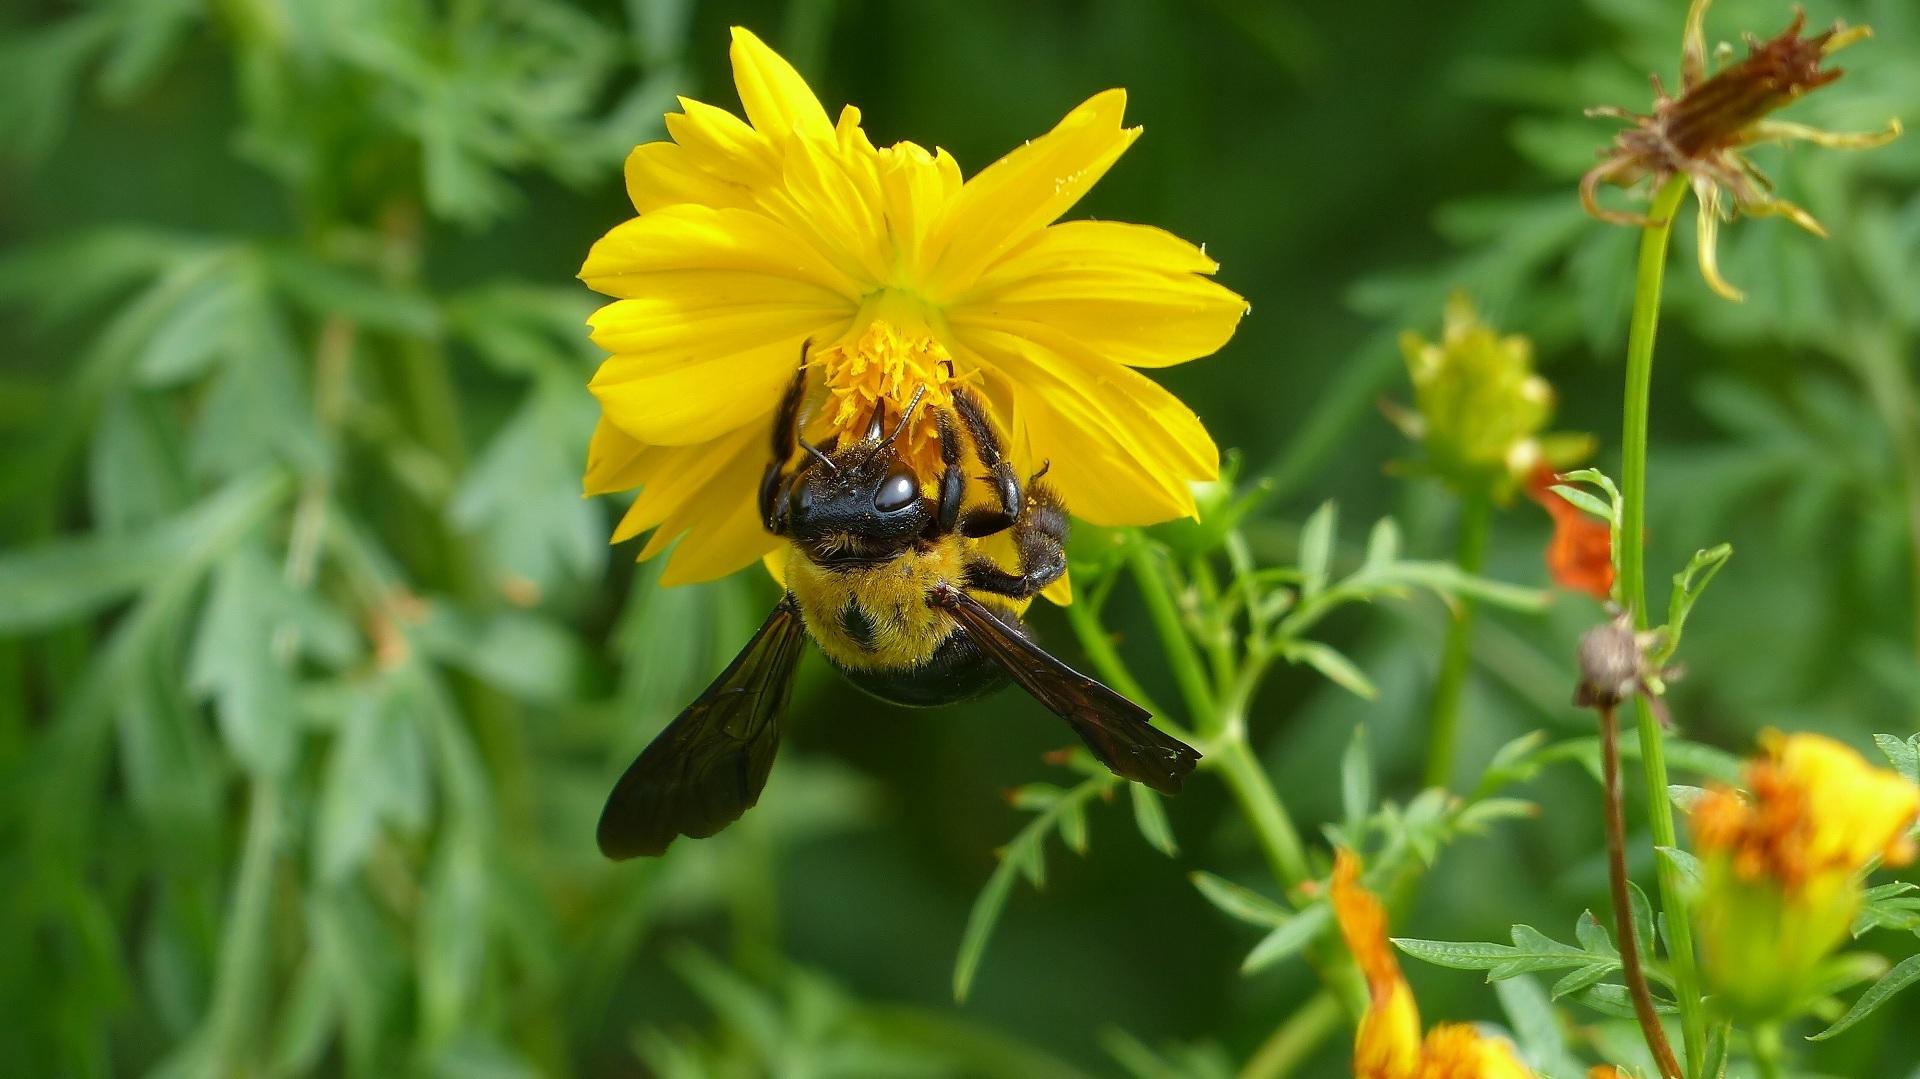 昆虫すごいぜ! クマバチ_a0185081_11154083.jpg